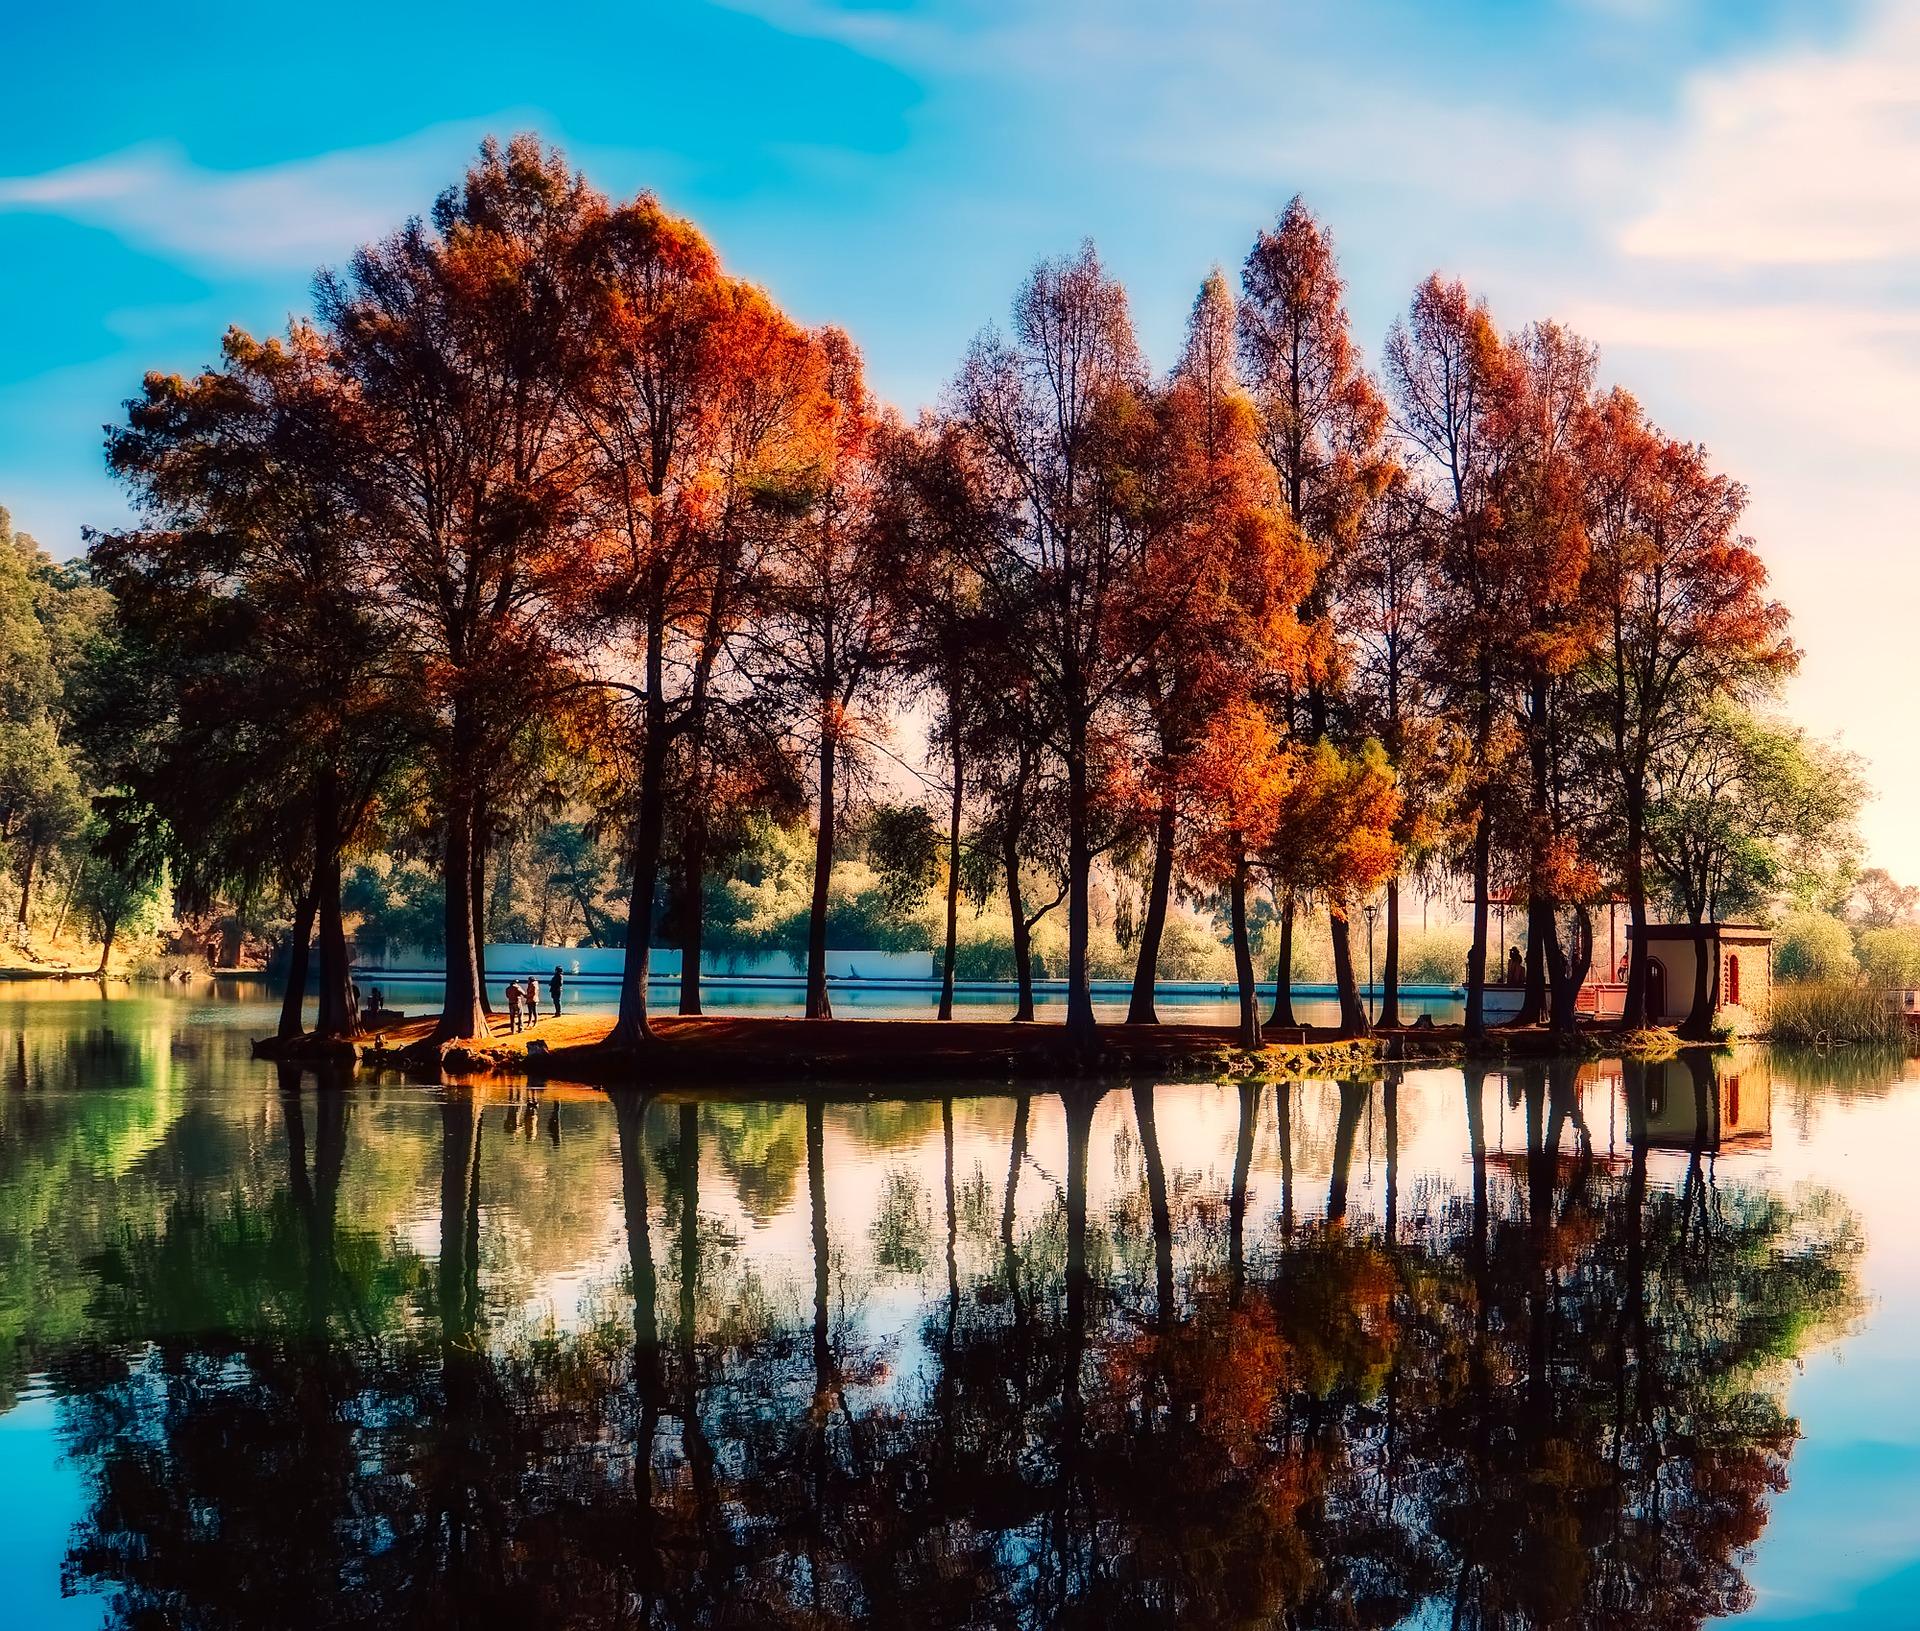 نمایی از طبیعت زیبا در چین